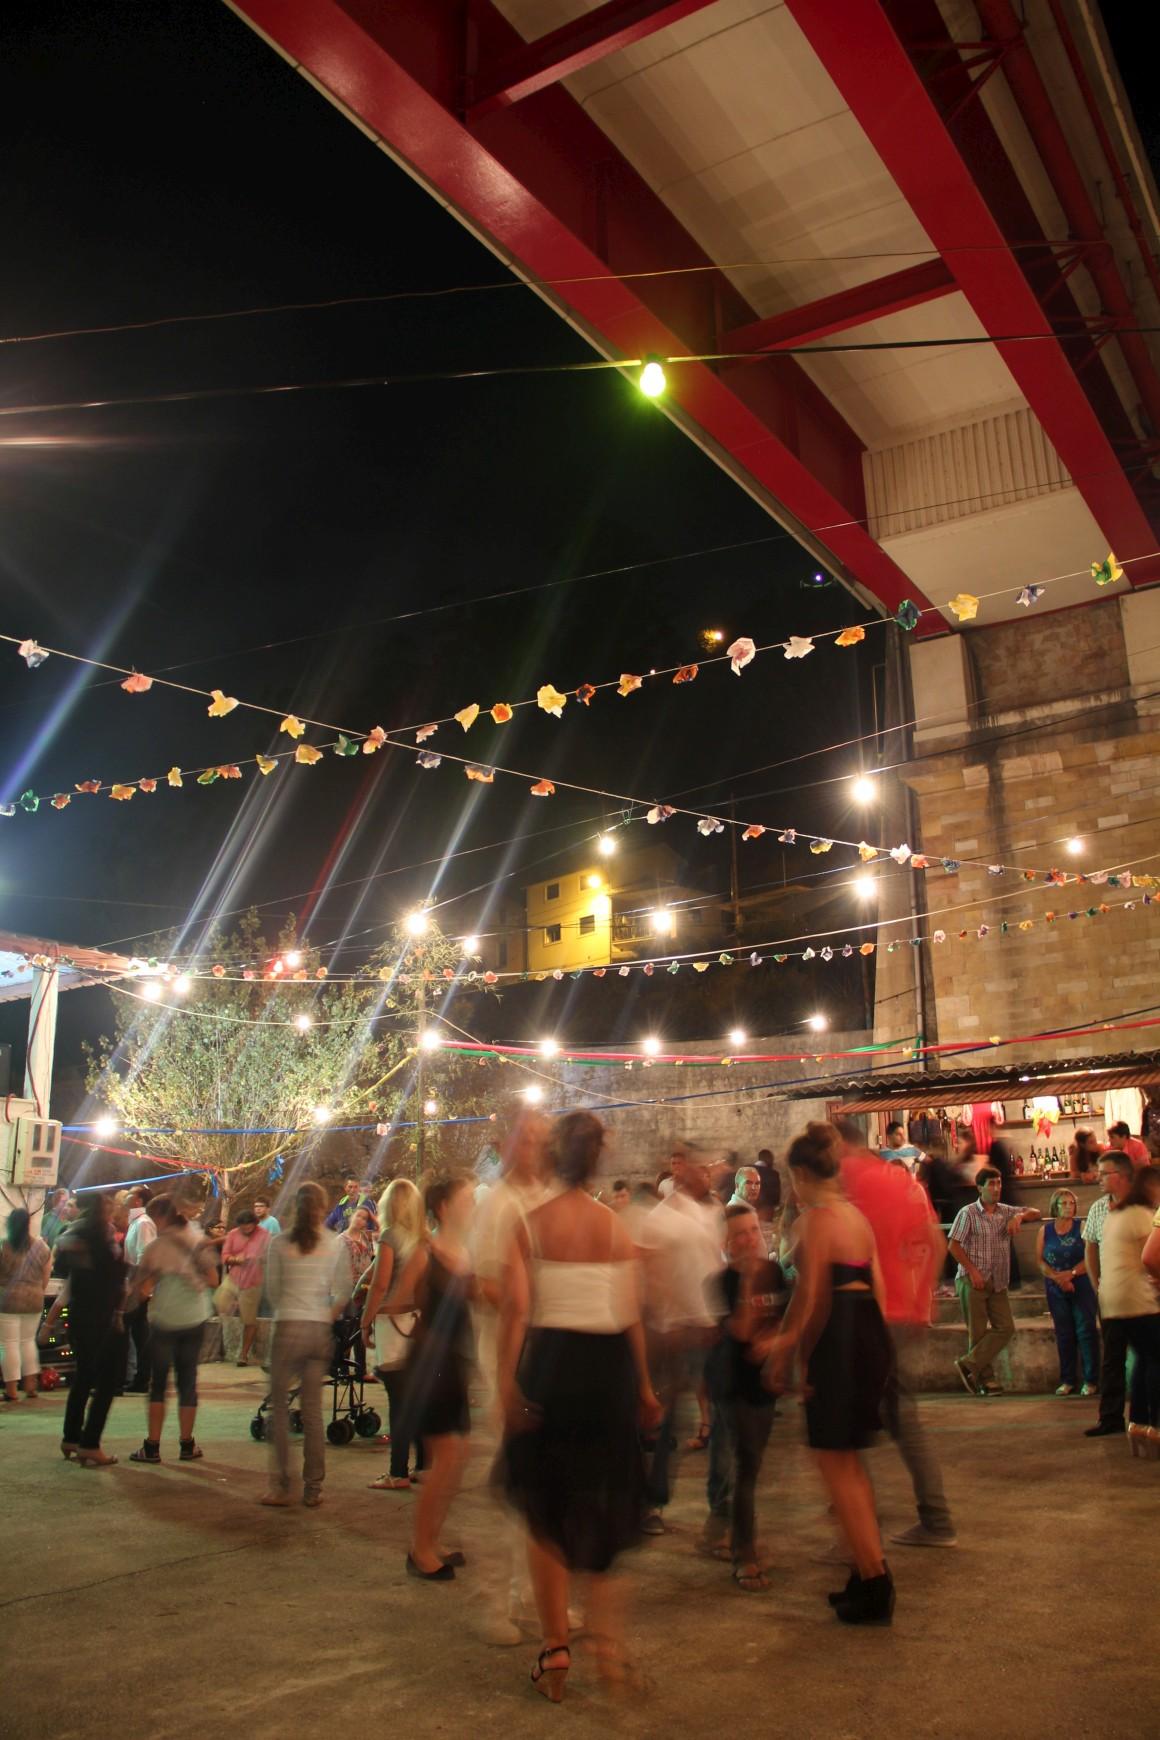 Uma festa popular em Penacova